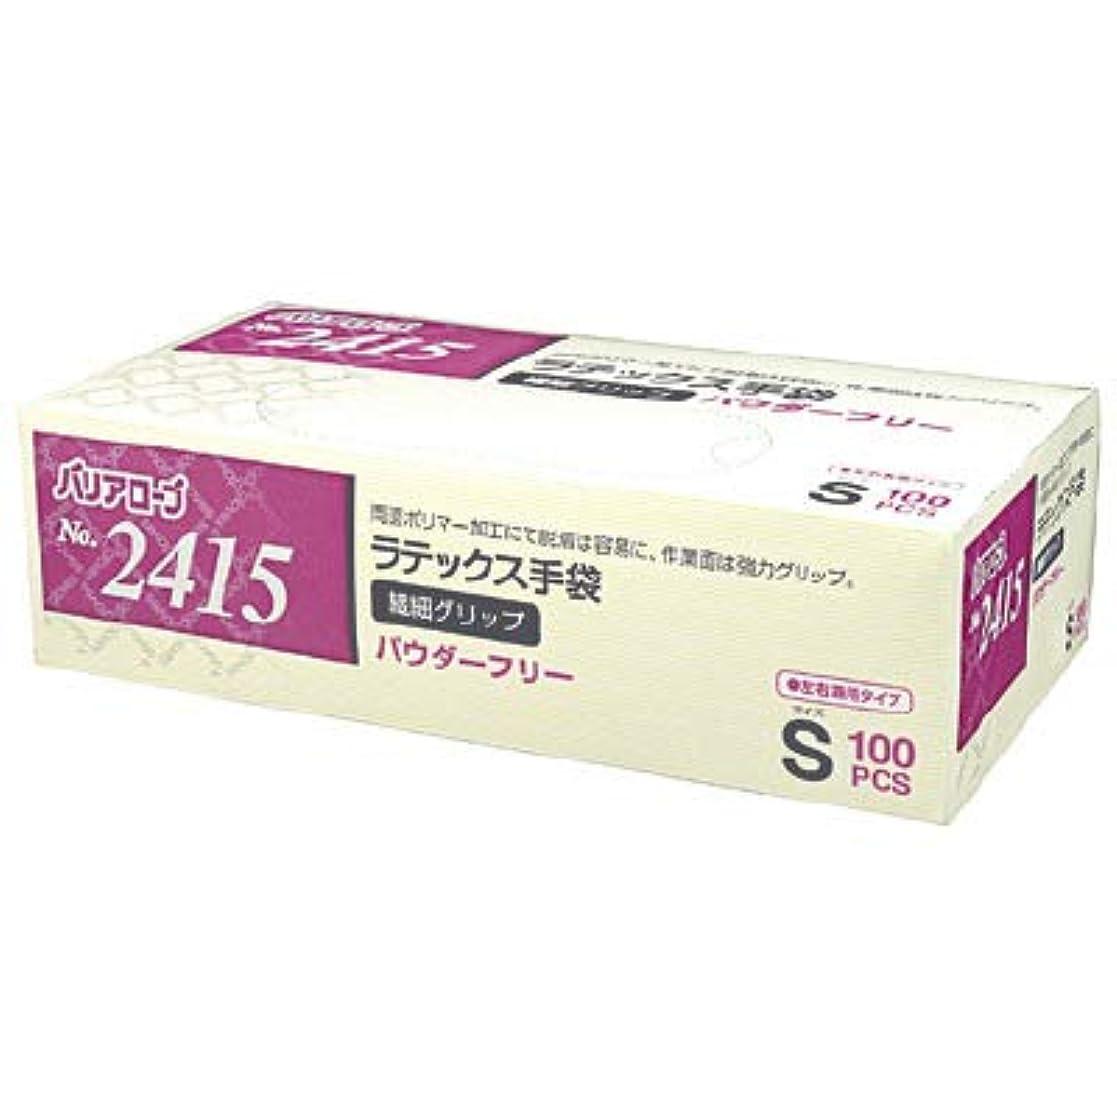 どれ銅曖昧な【ケース販売】 バリアローブ №2415 ラテックス手袋 繊細グリップ (パウダーフリー) S 2000枚(100枚×20箱)